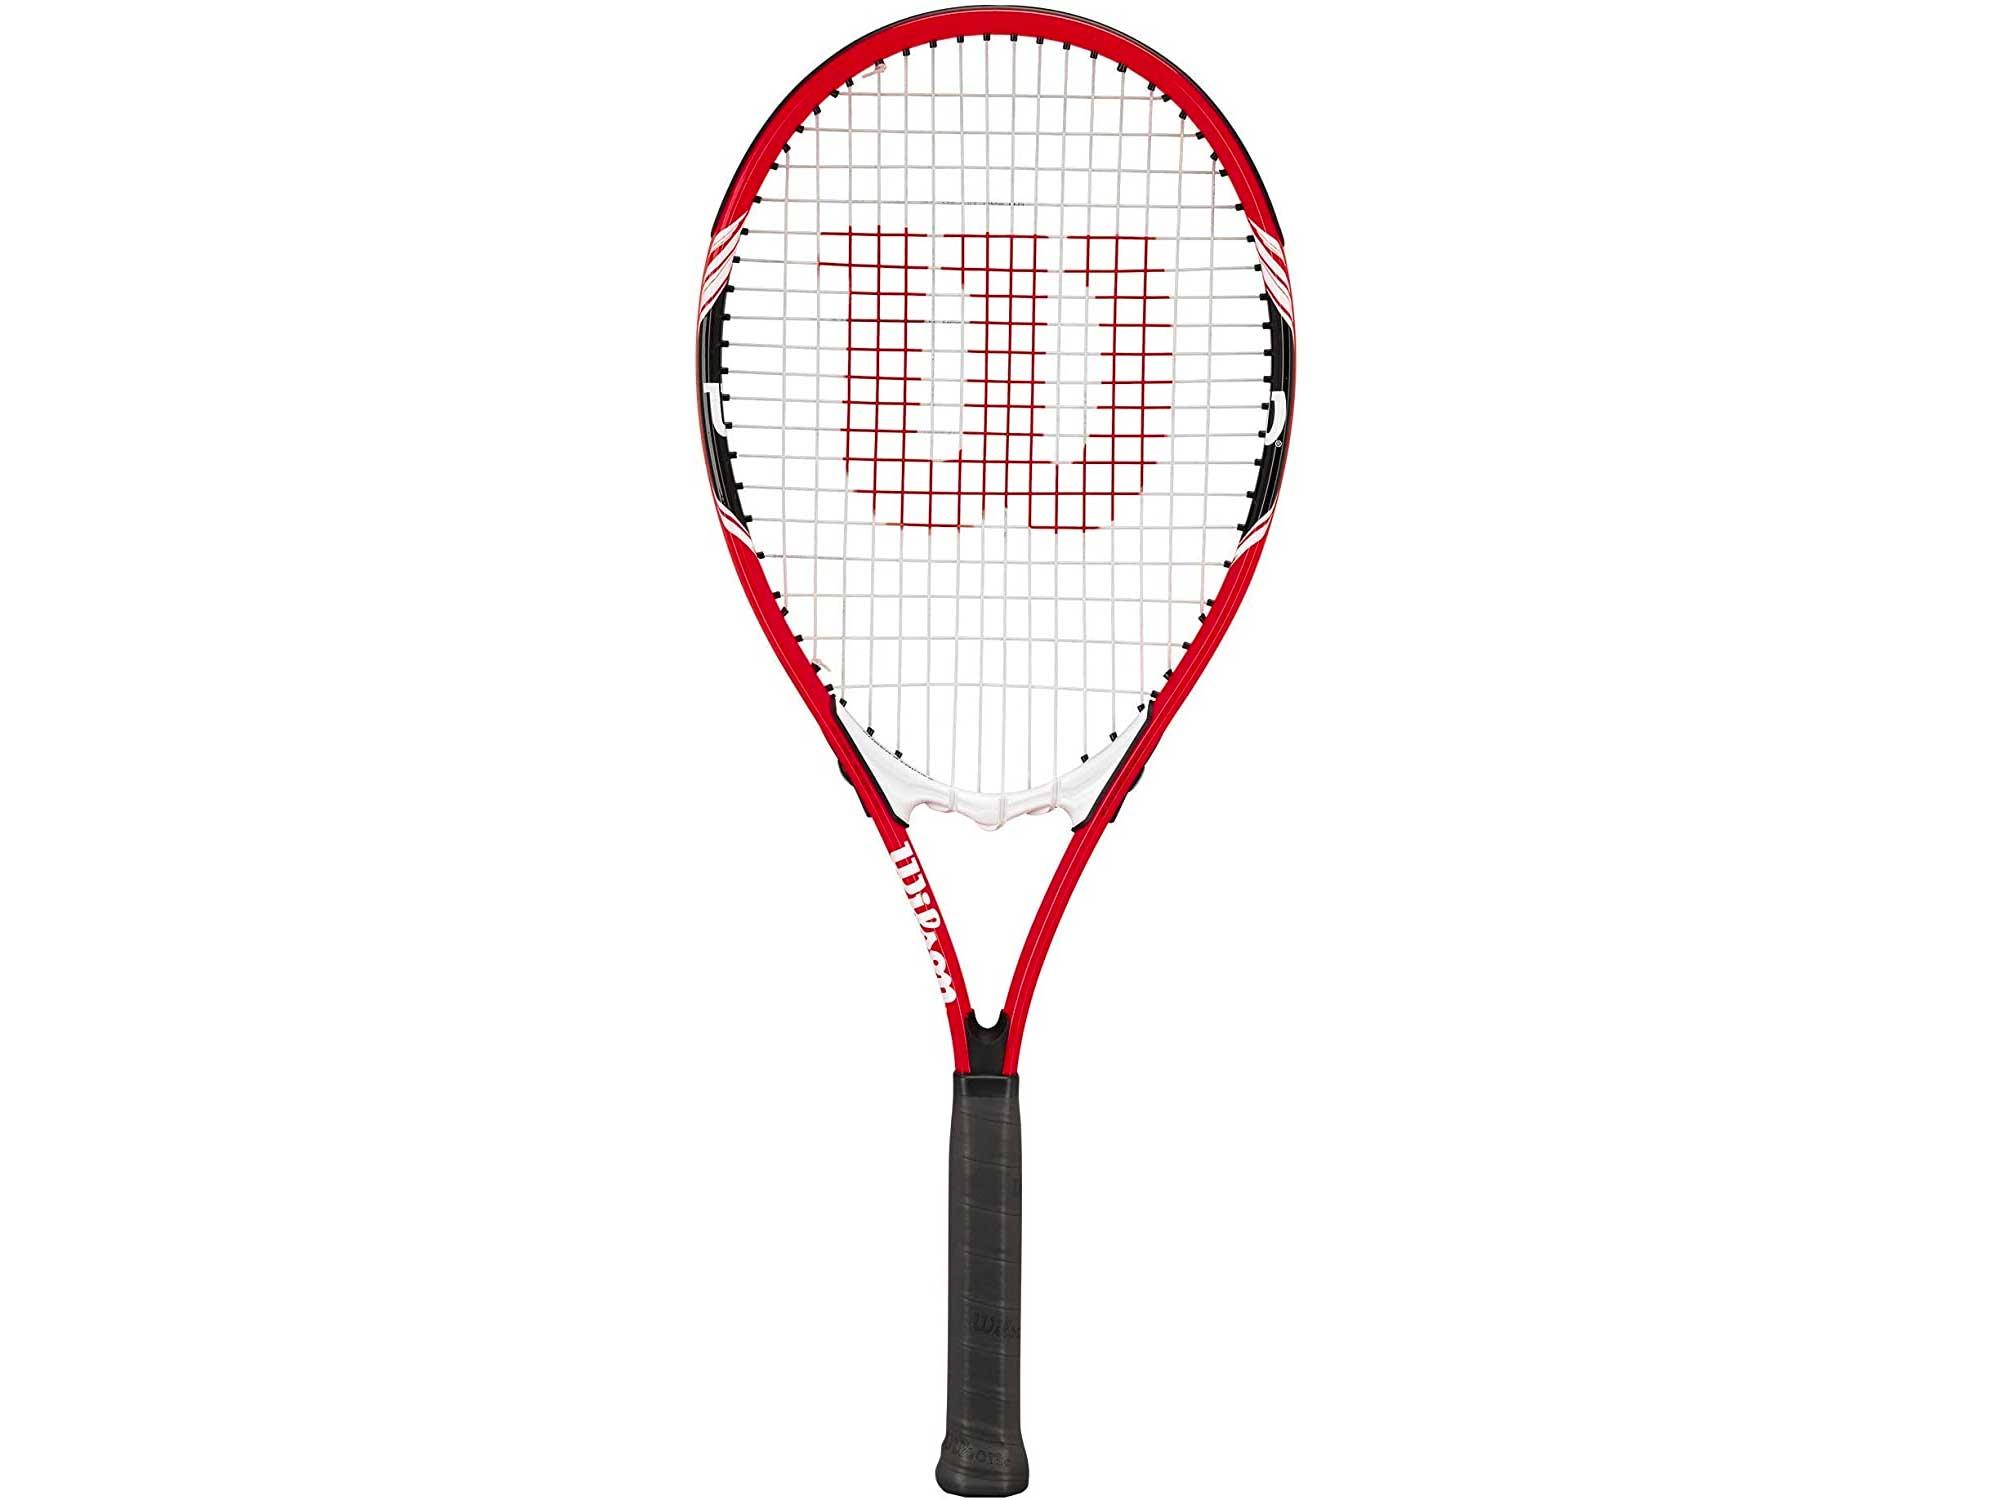 Wilson Sporting Goods Tennis Racket Strung 4 Sport racket